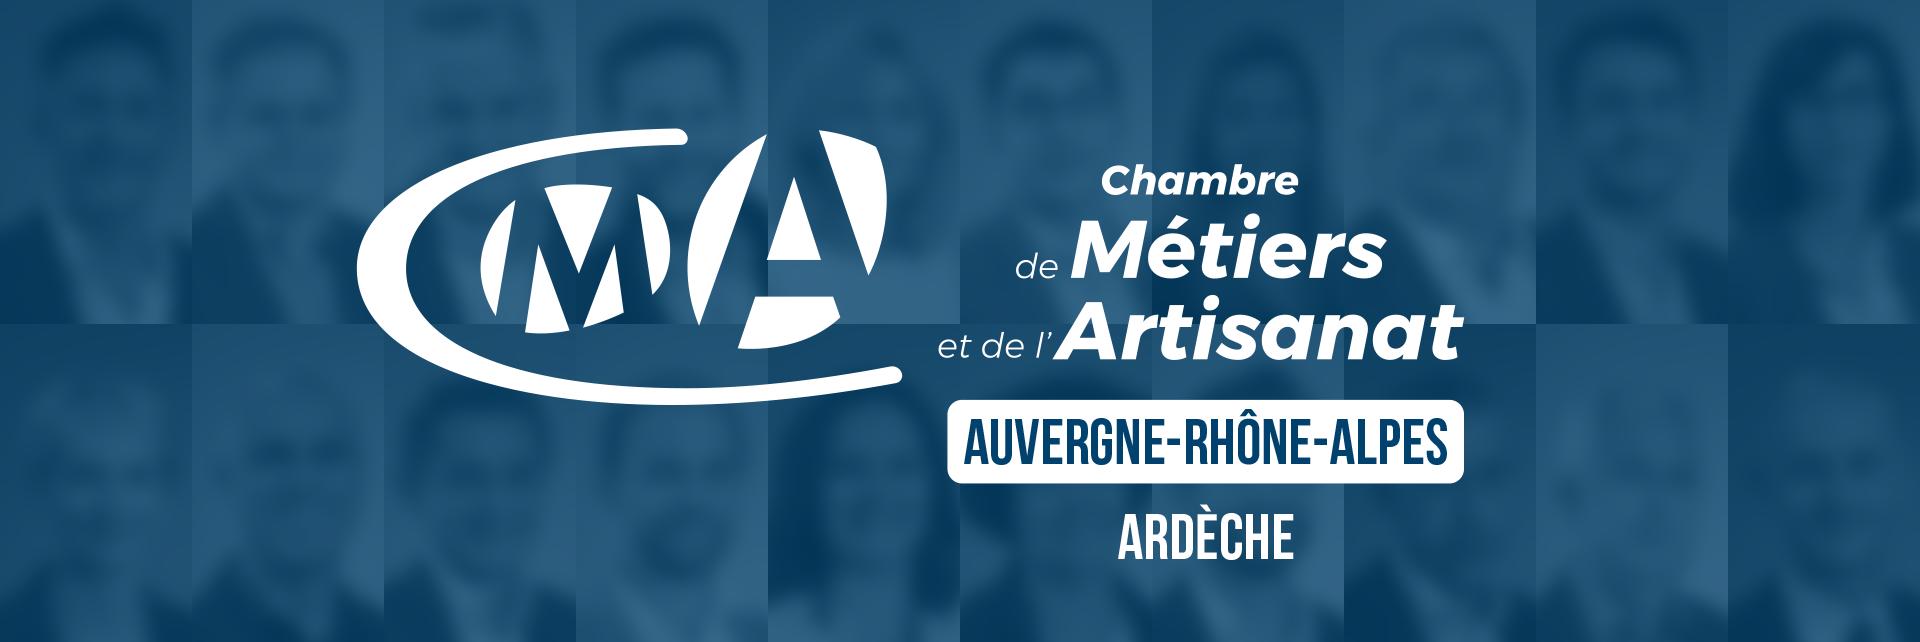 cma auvergne-rhône-alpes - équipe de direction CMA ardèche